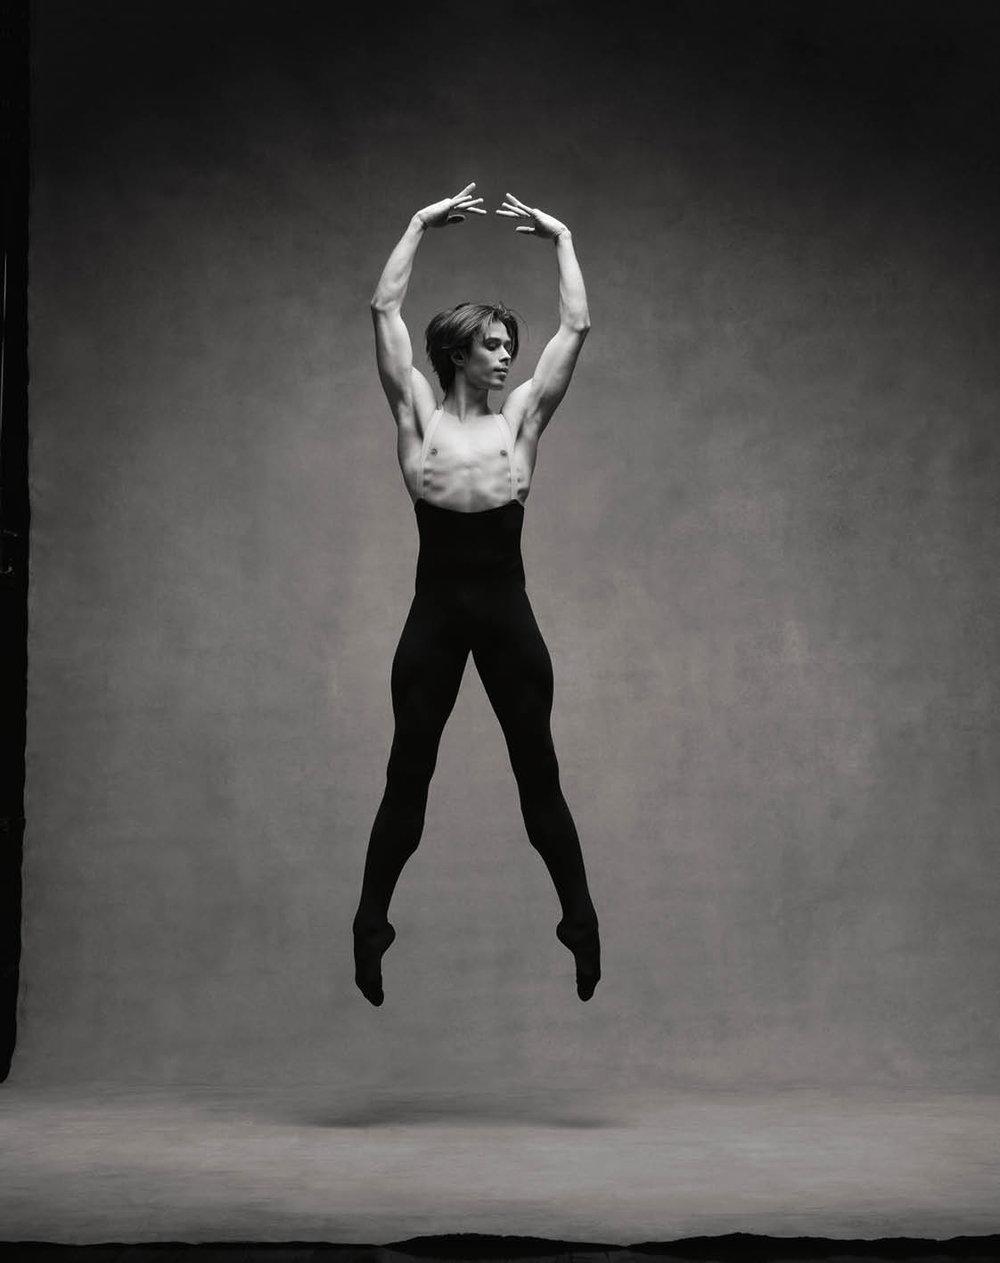 Artem Ovcharenko © Ken Browar and Deborah Ory · www.nycdanceproject.com.